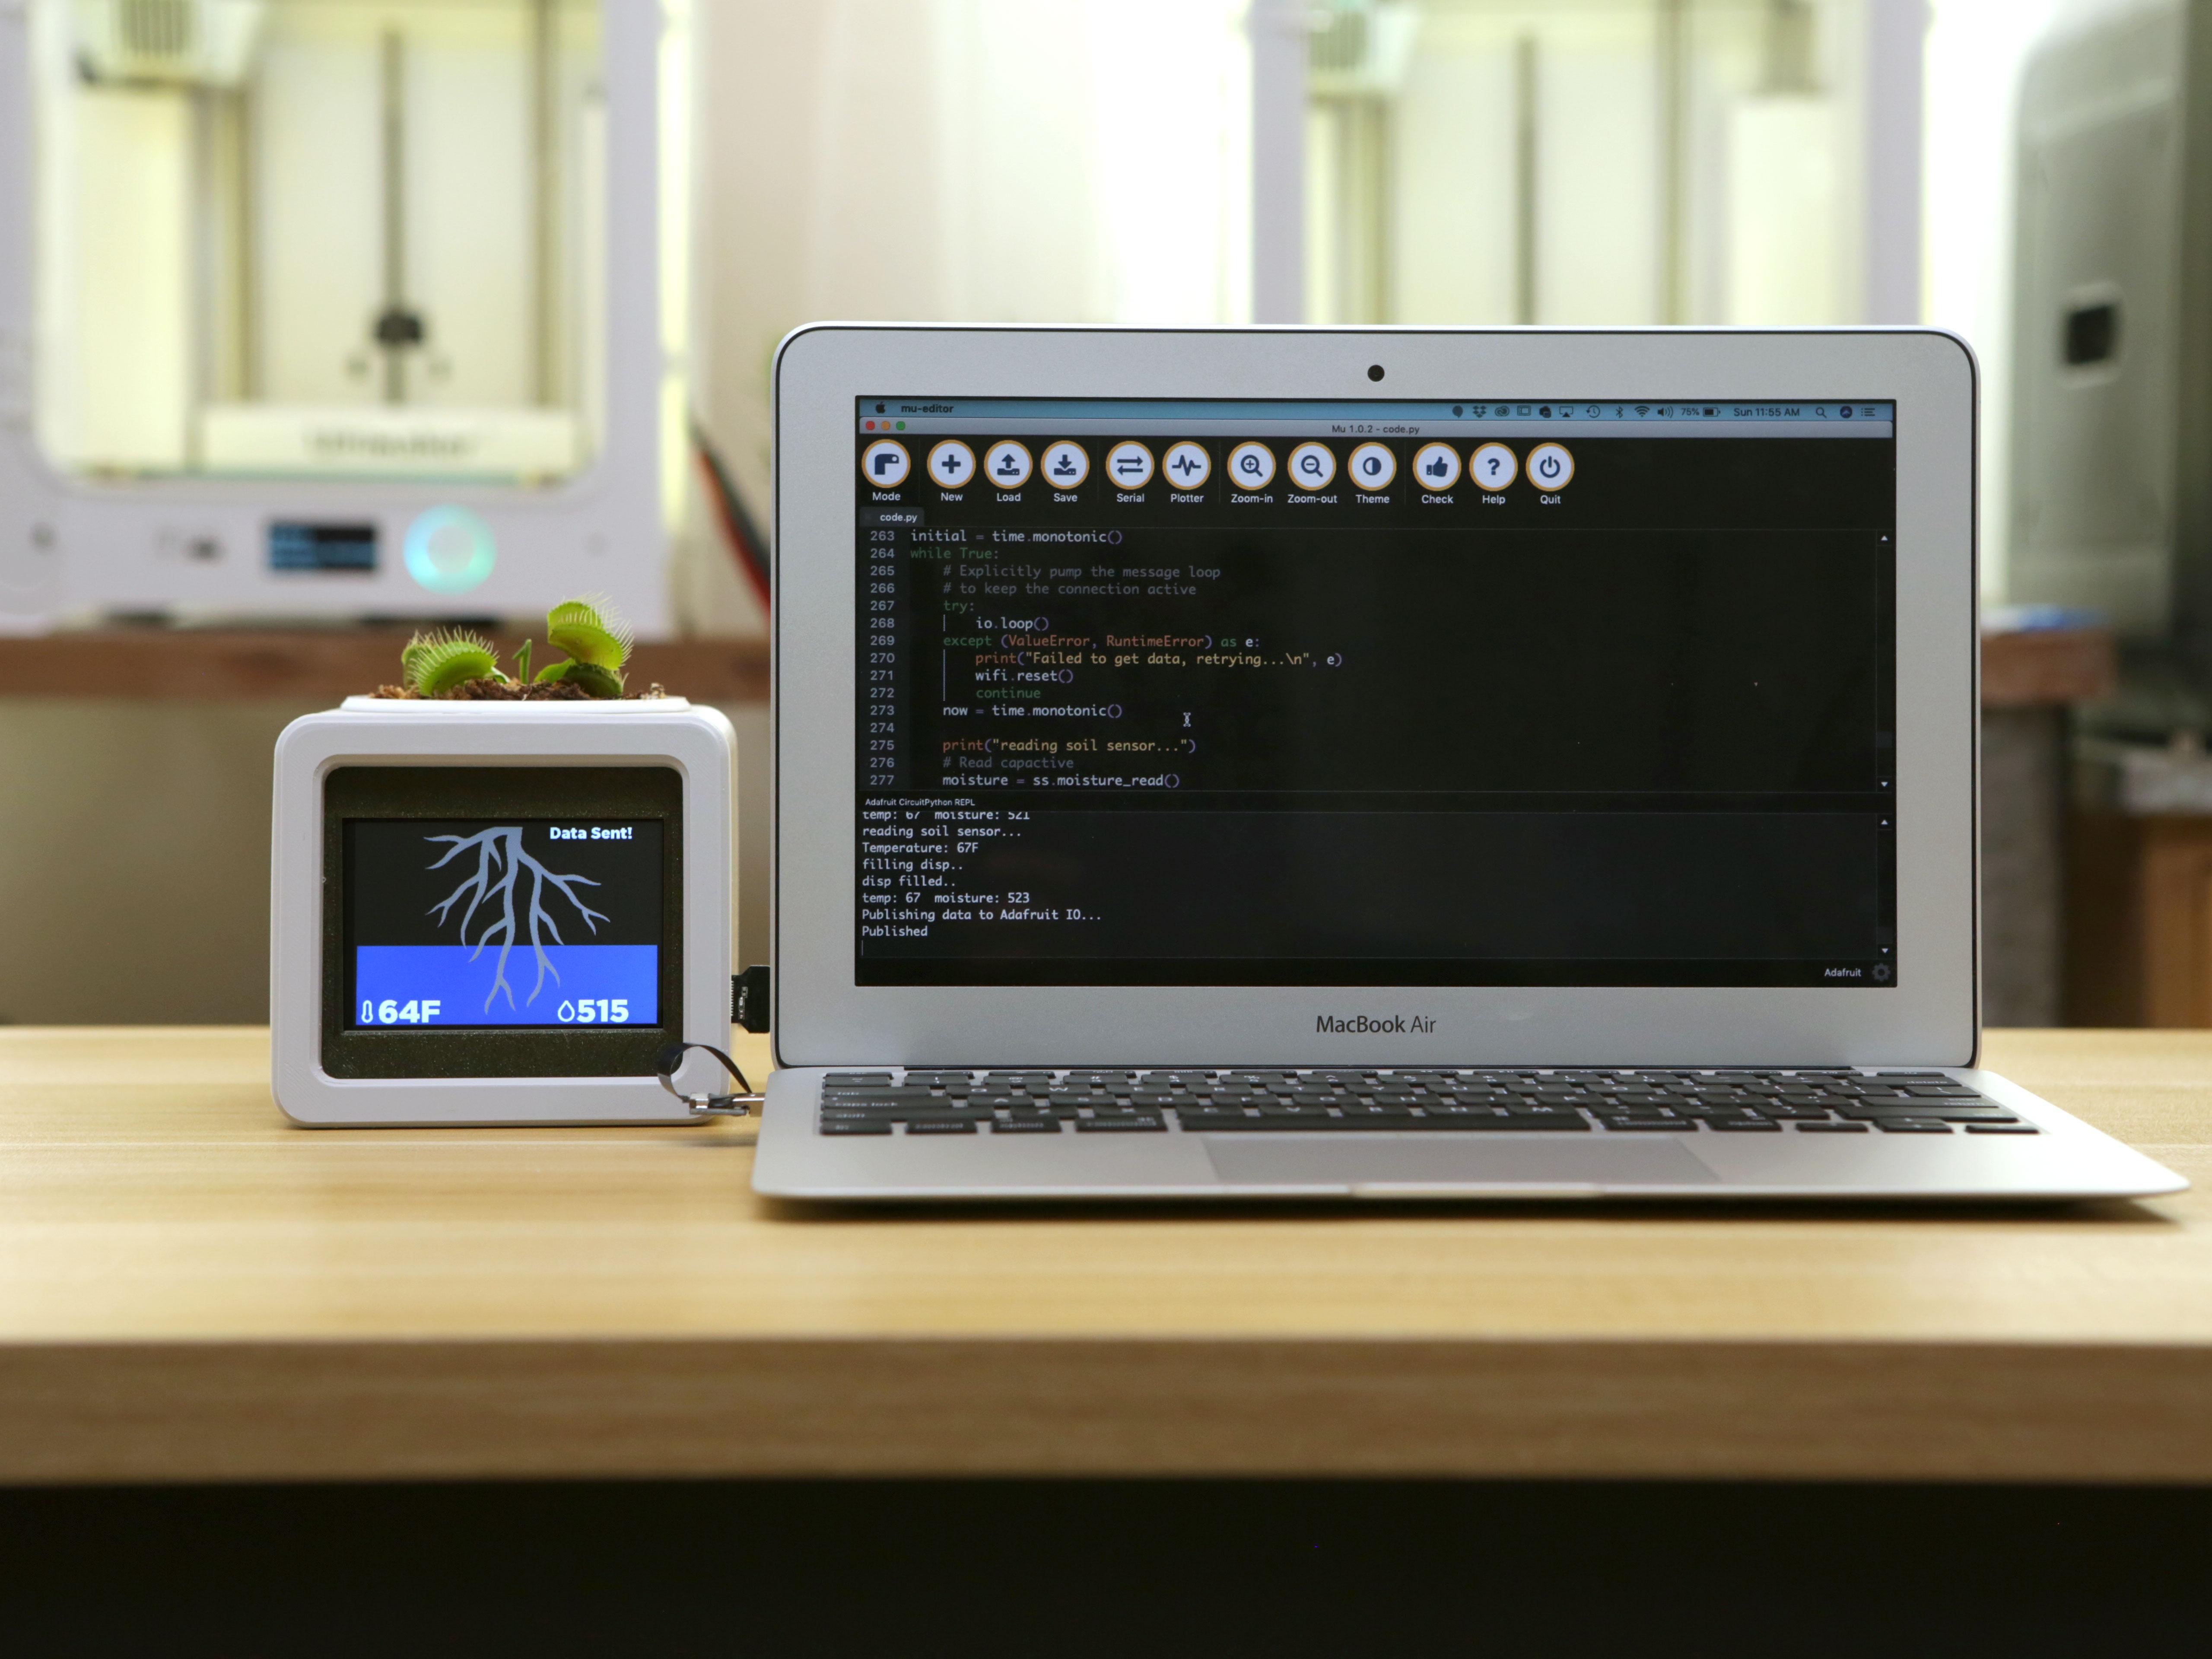 3d_printing_hero-laptop-code.jpg